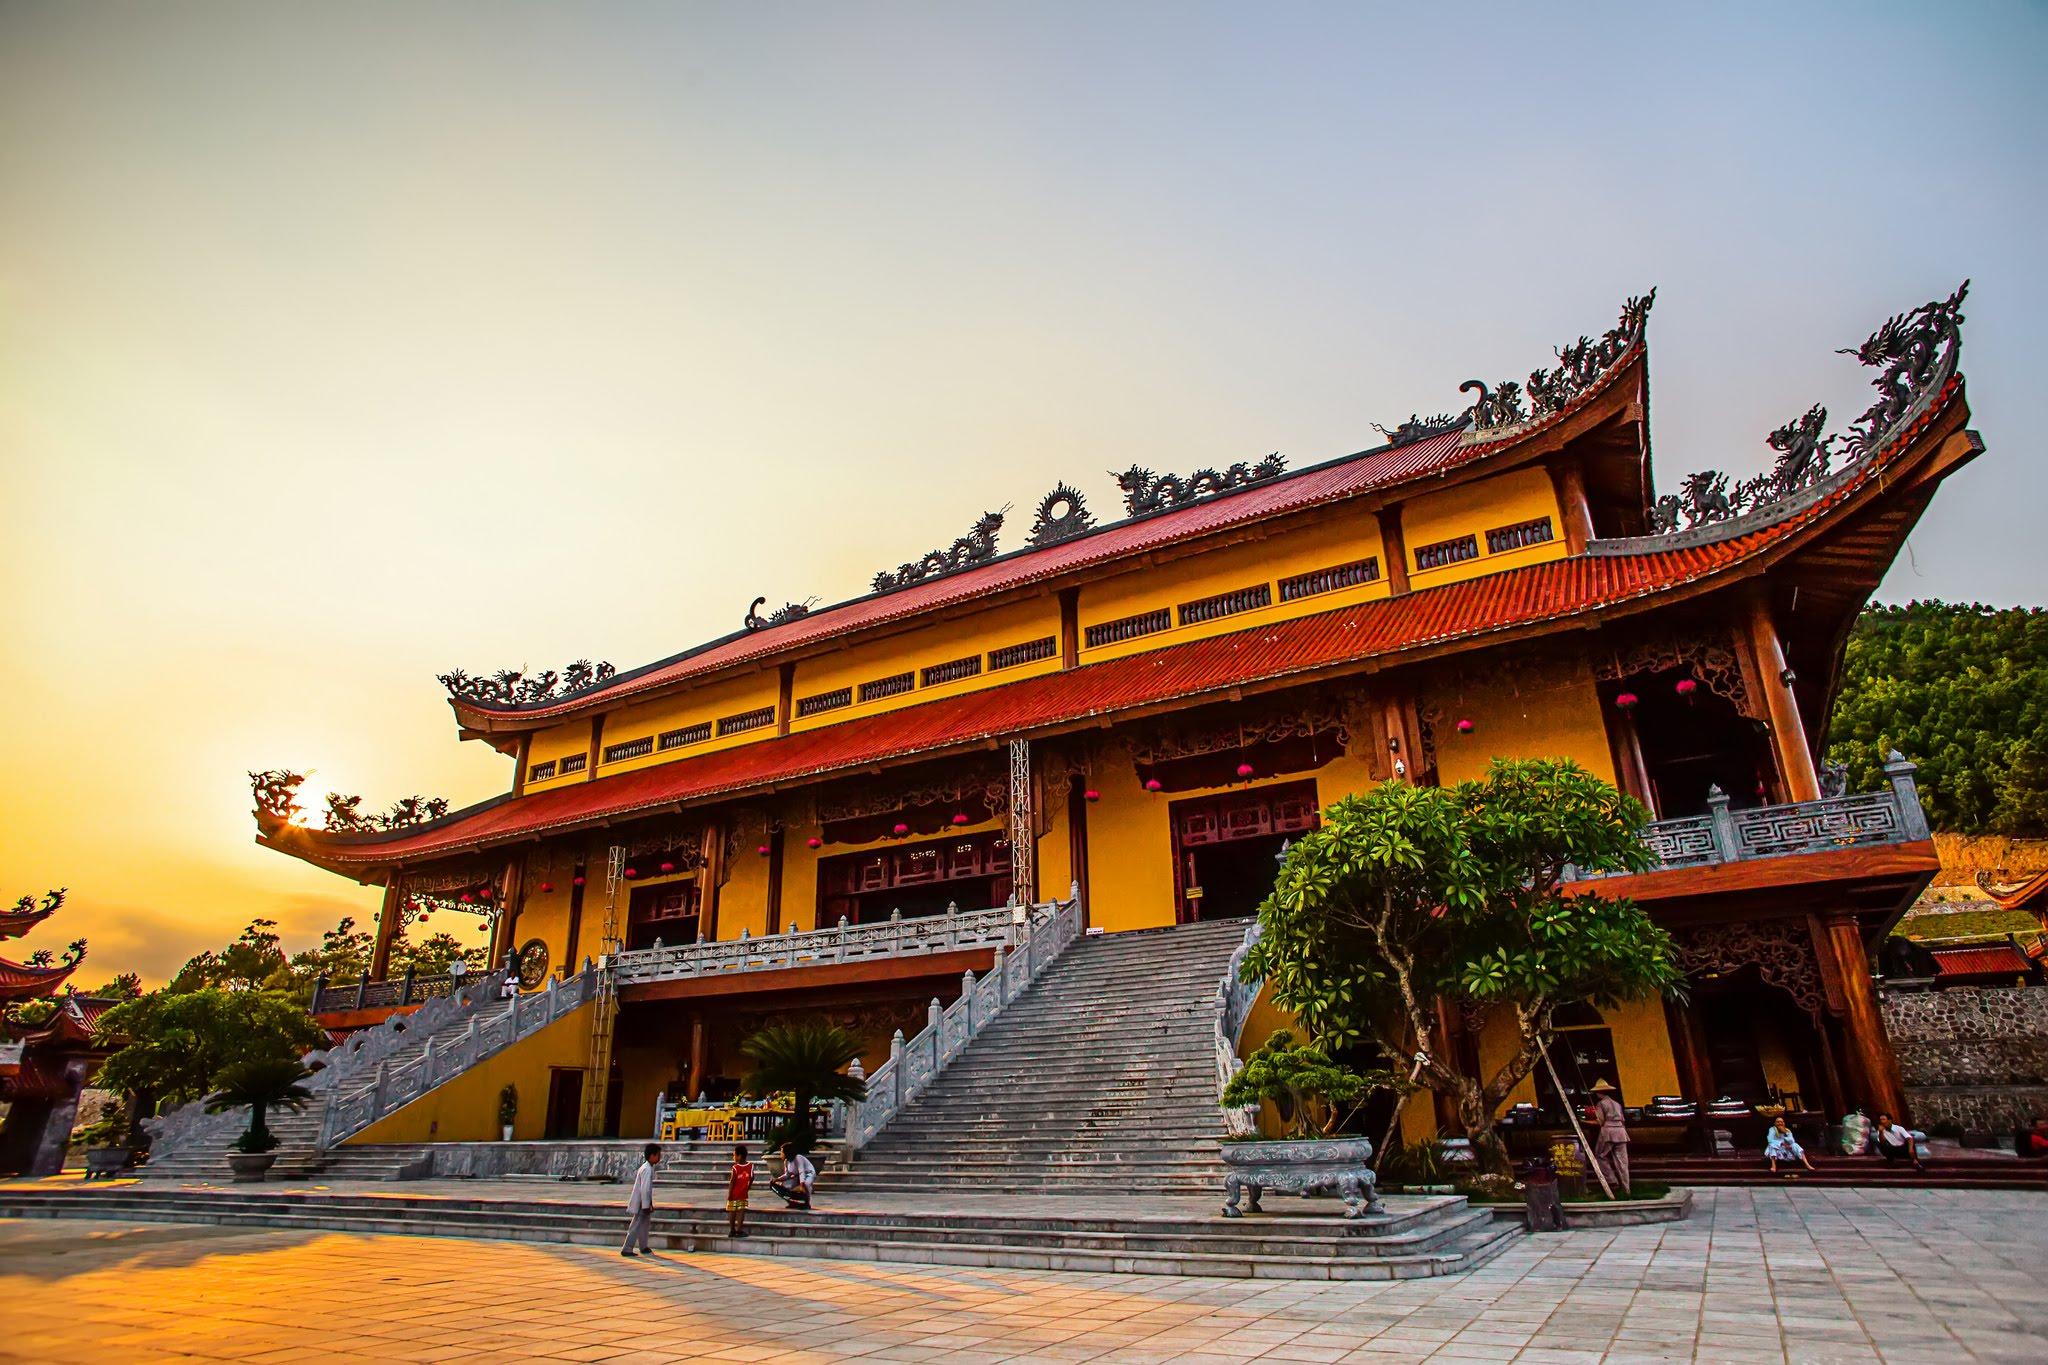 Kết quả hình ảnh cho chùa Côn Sơn kiếp bạc